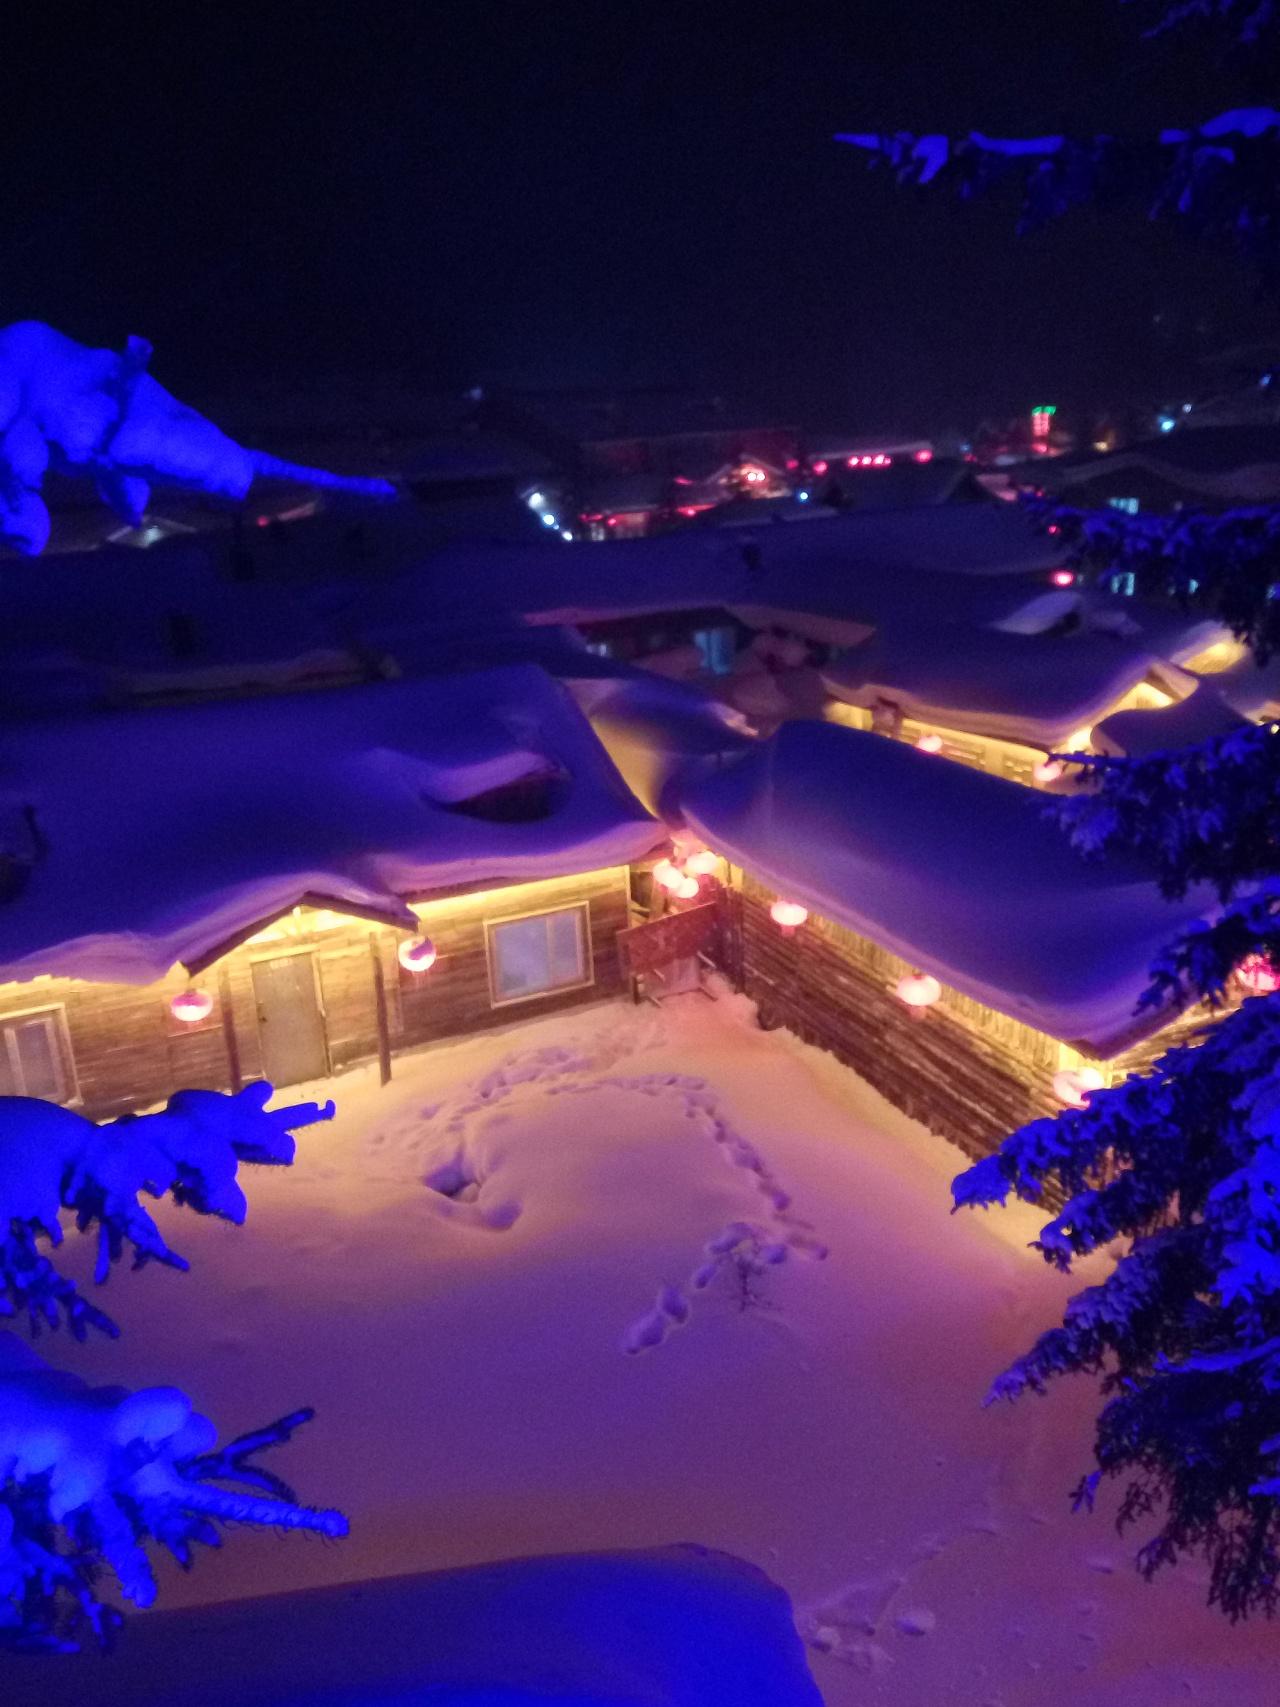 雪的图片_雪乡 摄影 游记 ArleneEartha - 原创作品 - 站酷 (ZCOOL)